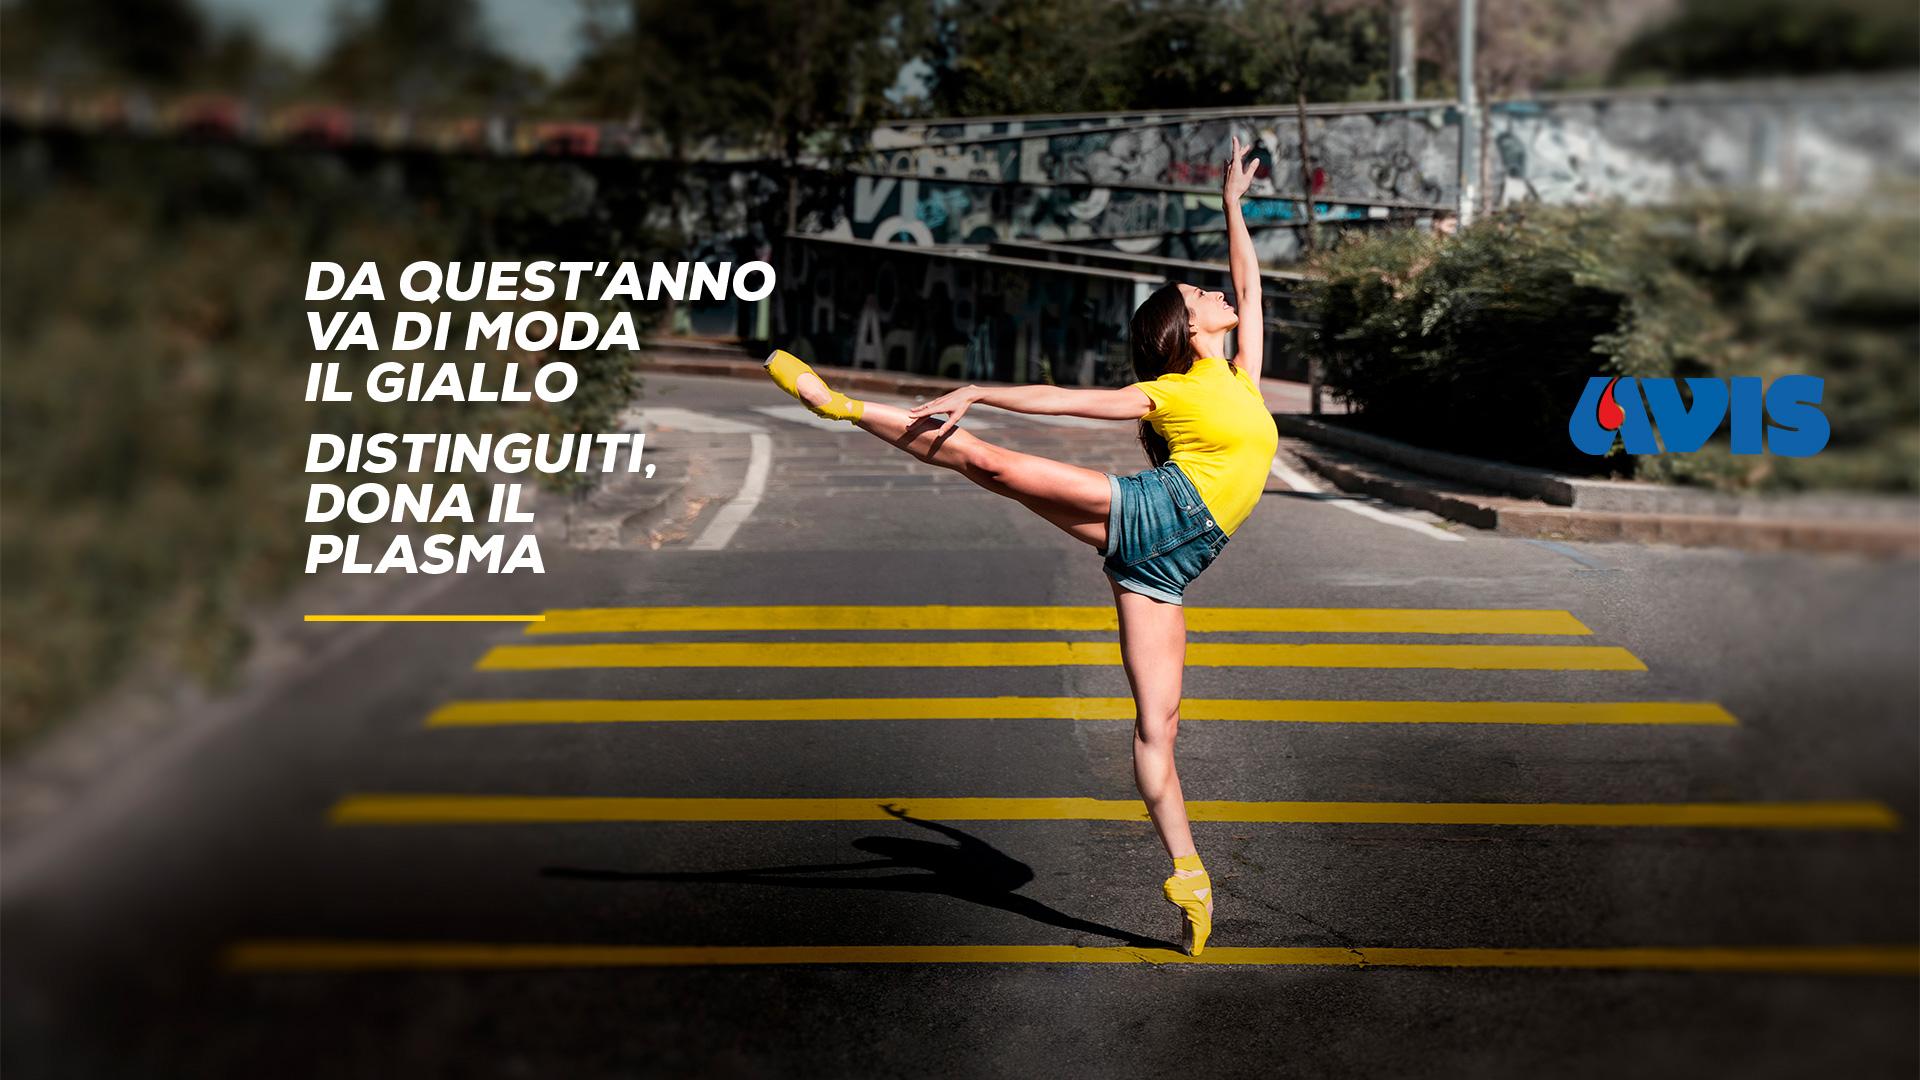 http://www.avisbarletta.it/wp-content/uploads/2018/11/Avis-plasma_facebook-cover-group_ballerina.jpg